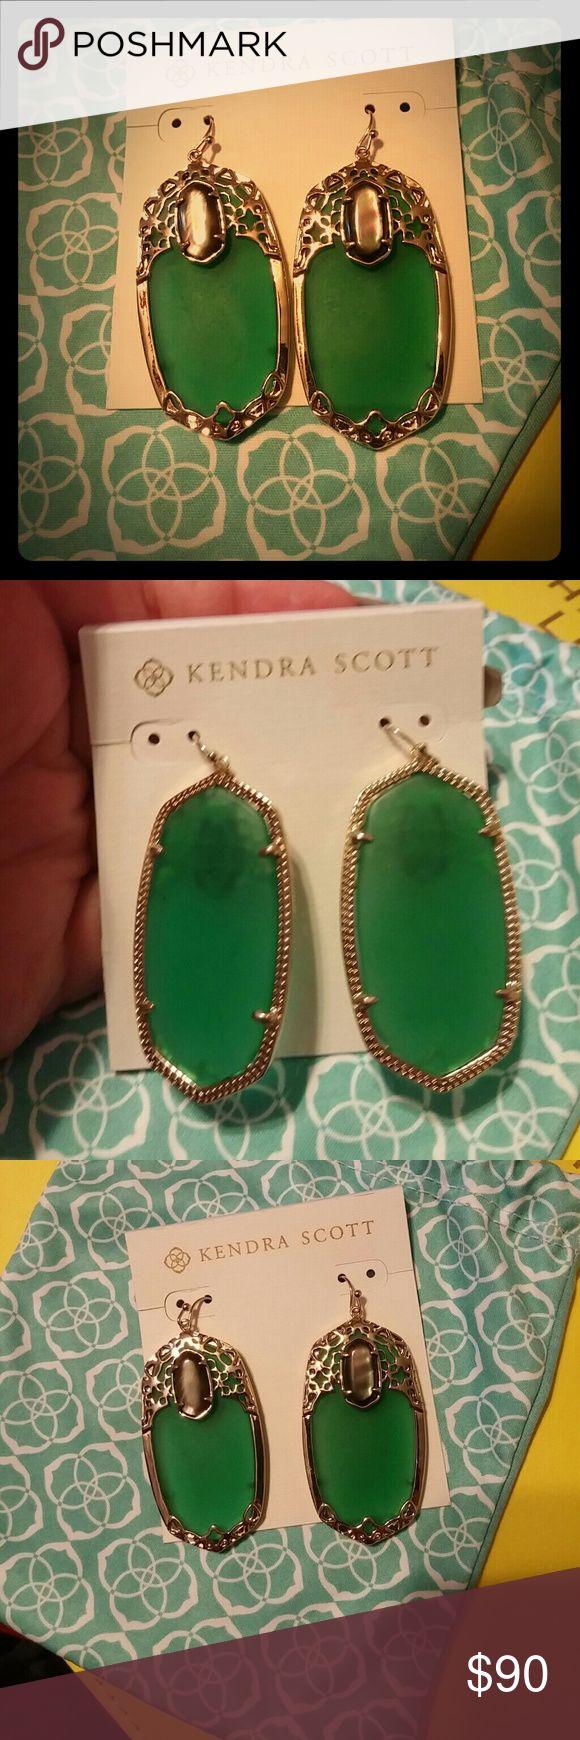 Kendra Scott Deva Earrings NWT Kendra Scott Deva Earrings. Bag included. Purchased at the Kendra Scott store in Atlanta. I am open to offers! Thanks for looking. Kendra Scott Jewelry Earrings